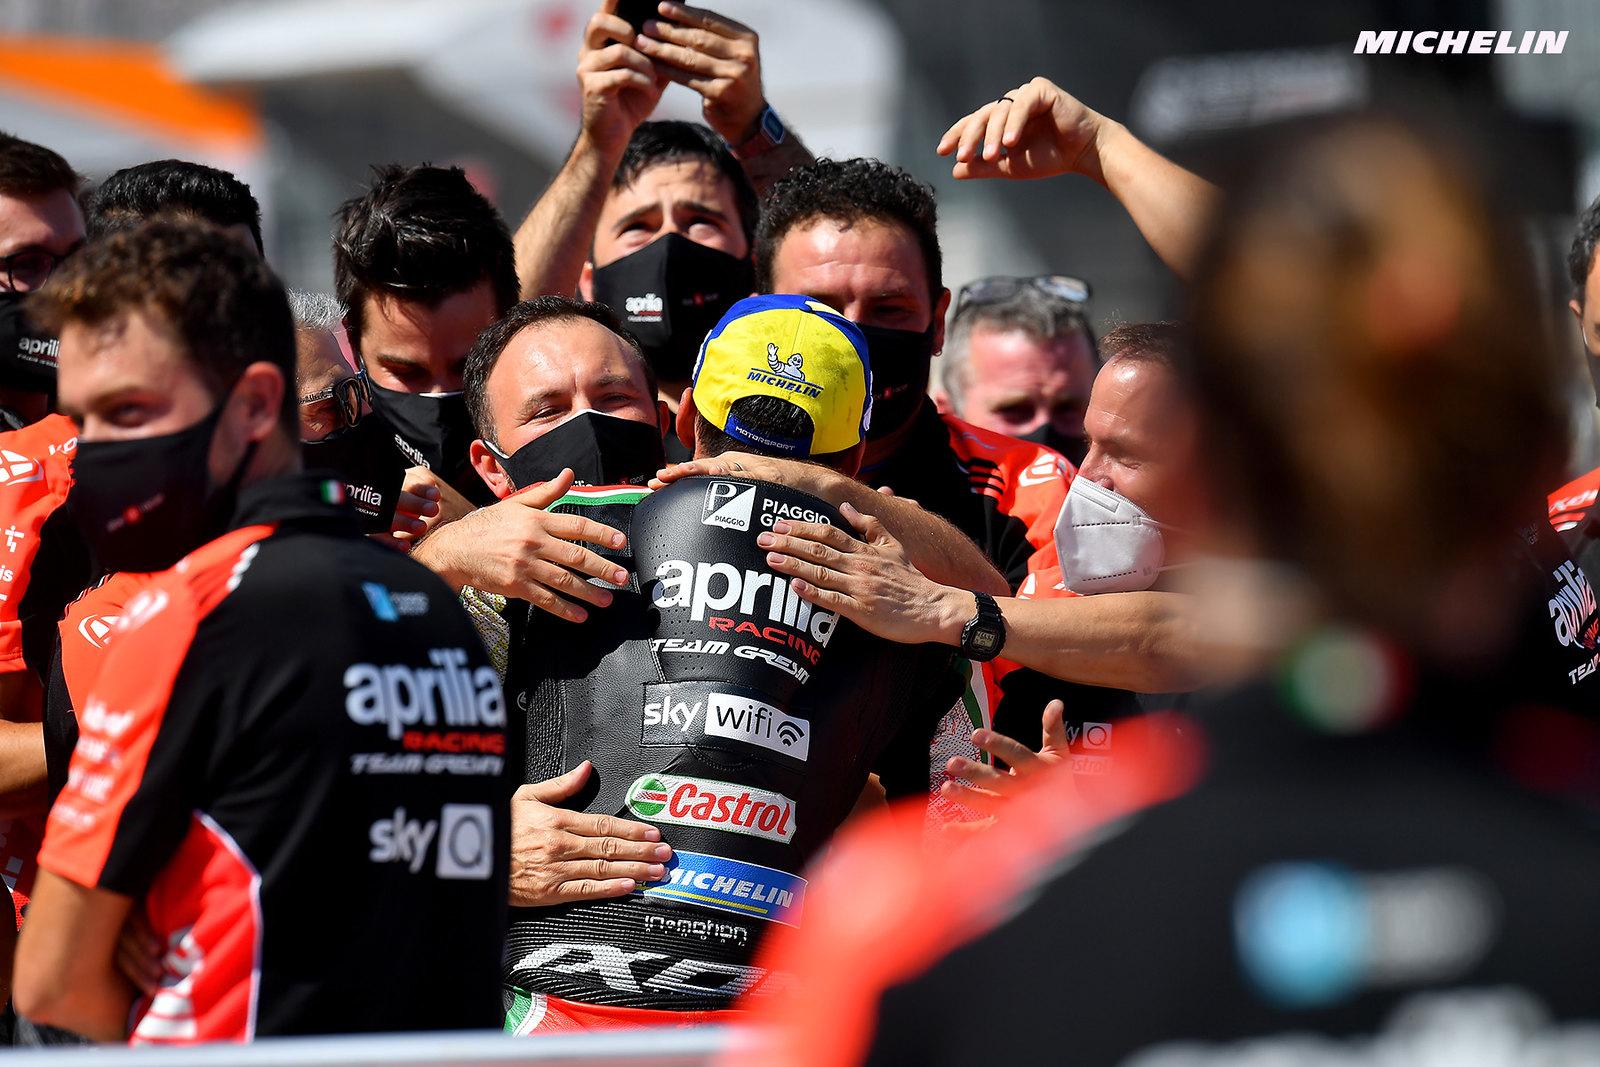 MotoGP2021アラゴンGP 4位アレイシ・エスパルガロ「表彰台を味わってしまうと4位は十分ではない」